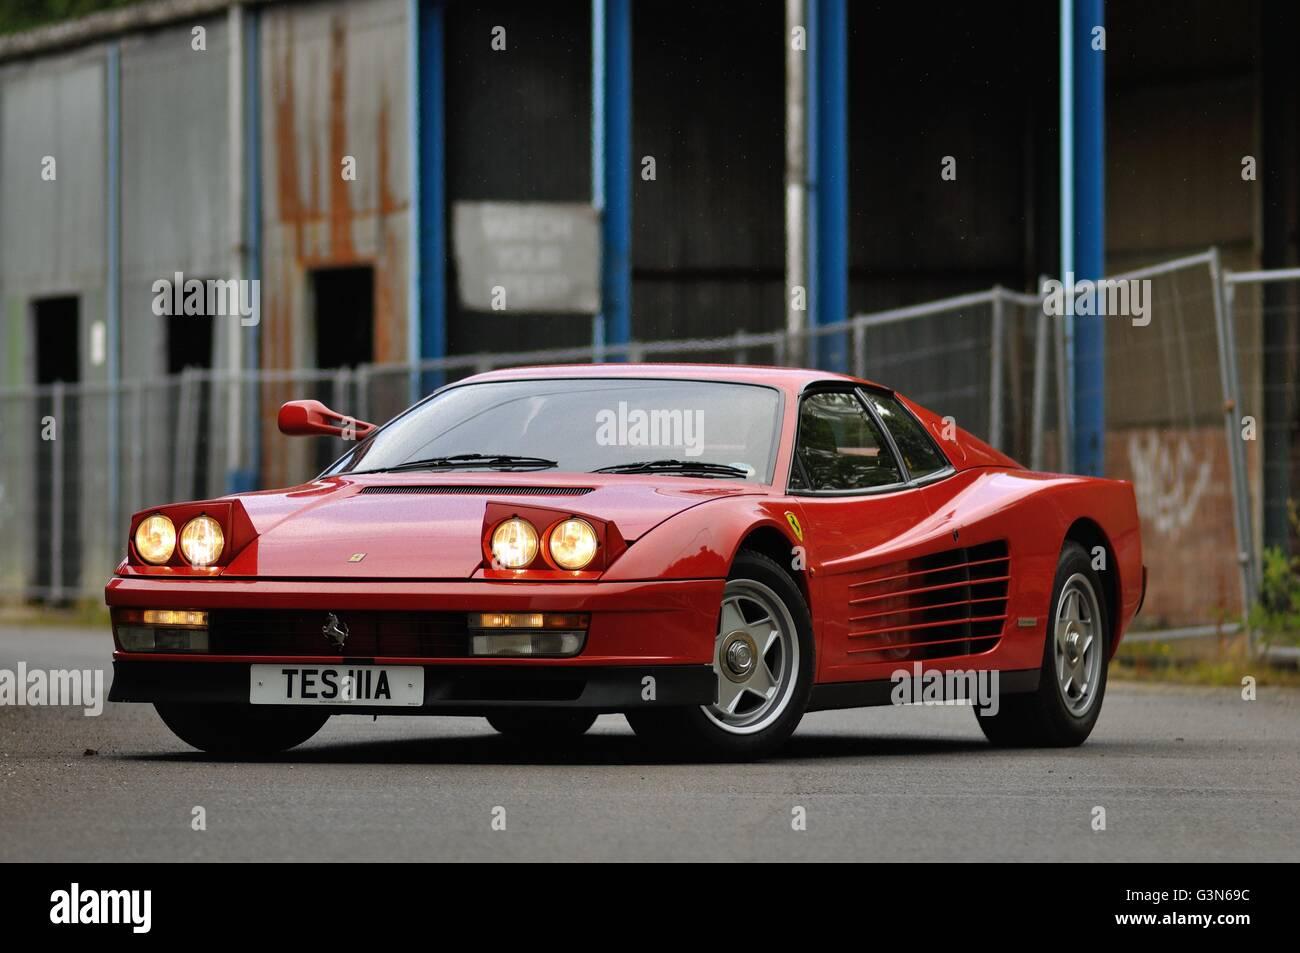 Un ochenta Ferrari Testarossa stands con sus faros en un complejo industrial en desuso. Imagen De Stock